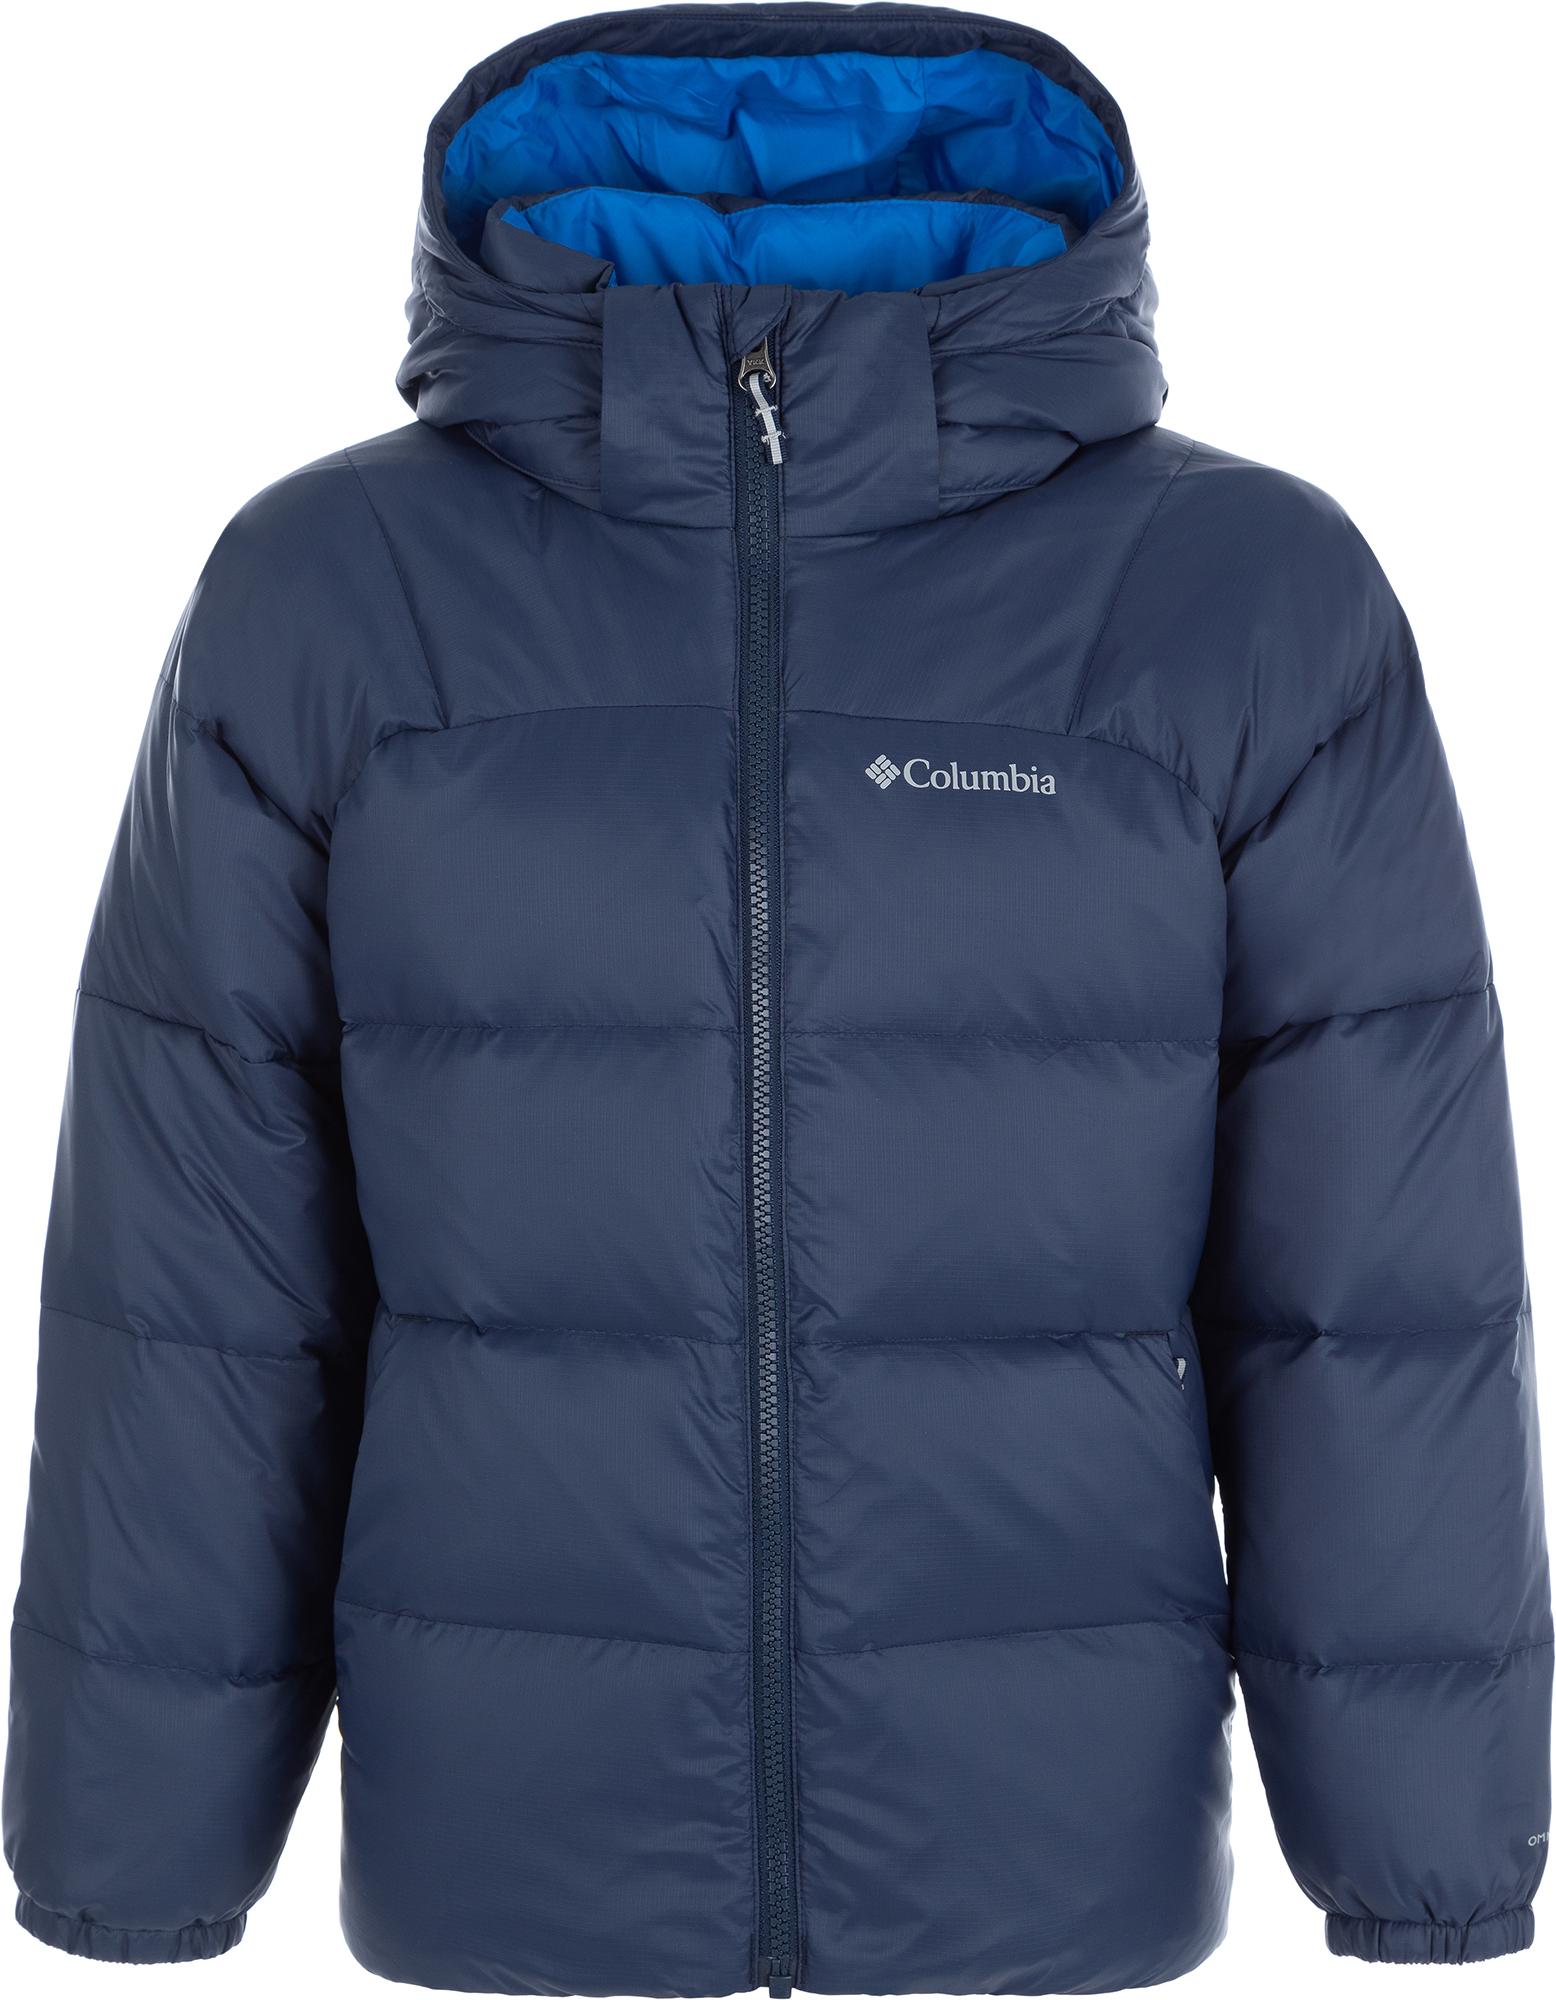 Columbia Куртка пуховая для мальчиков Centennial Creek, размер 160-170